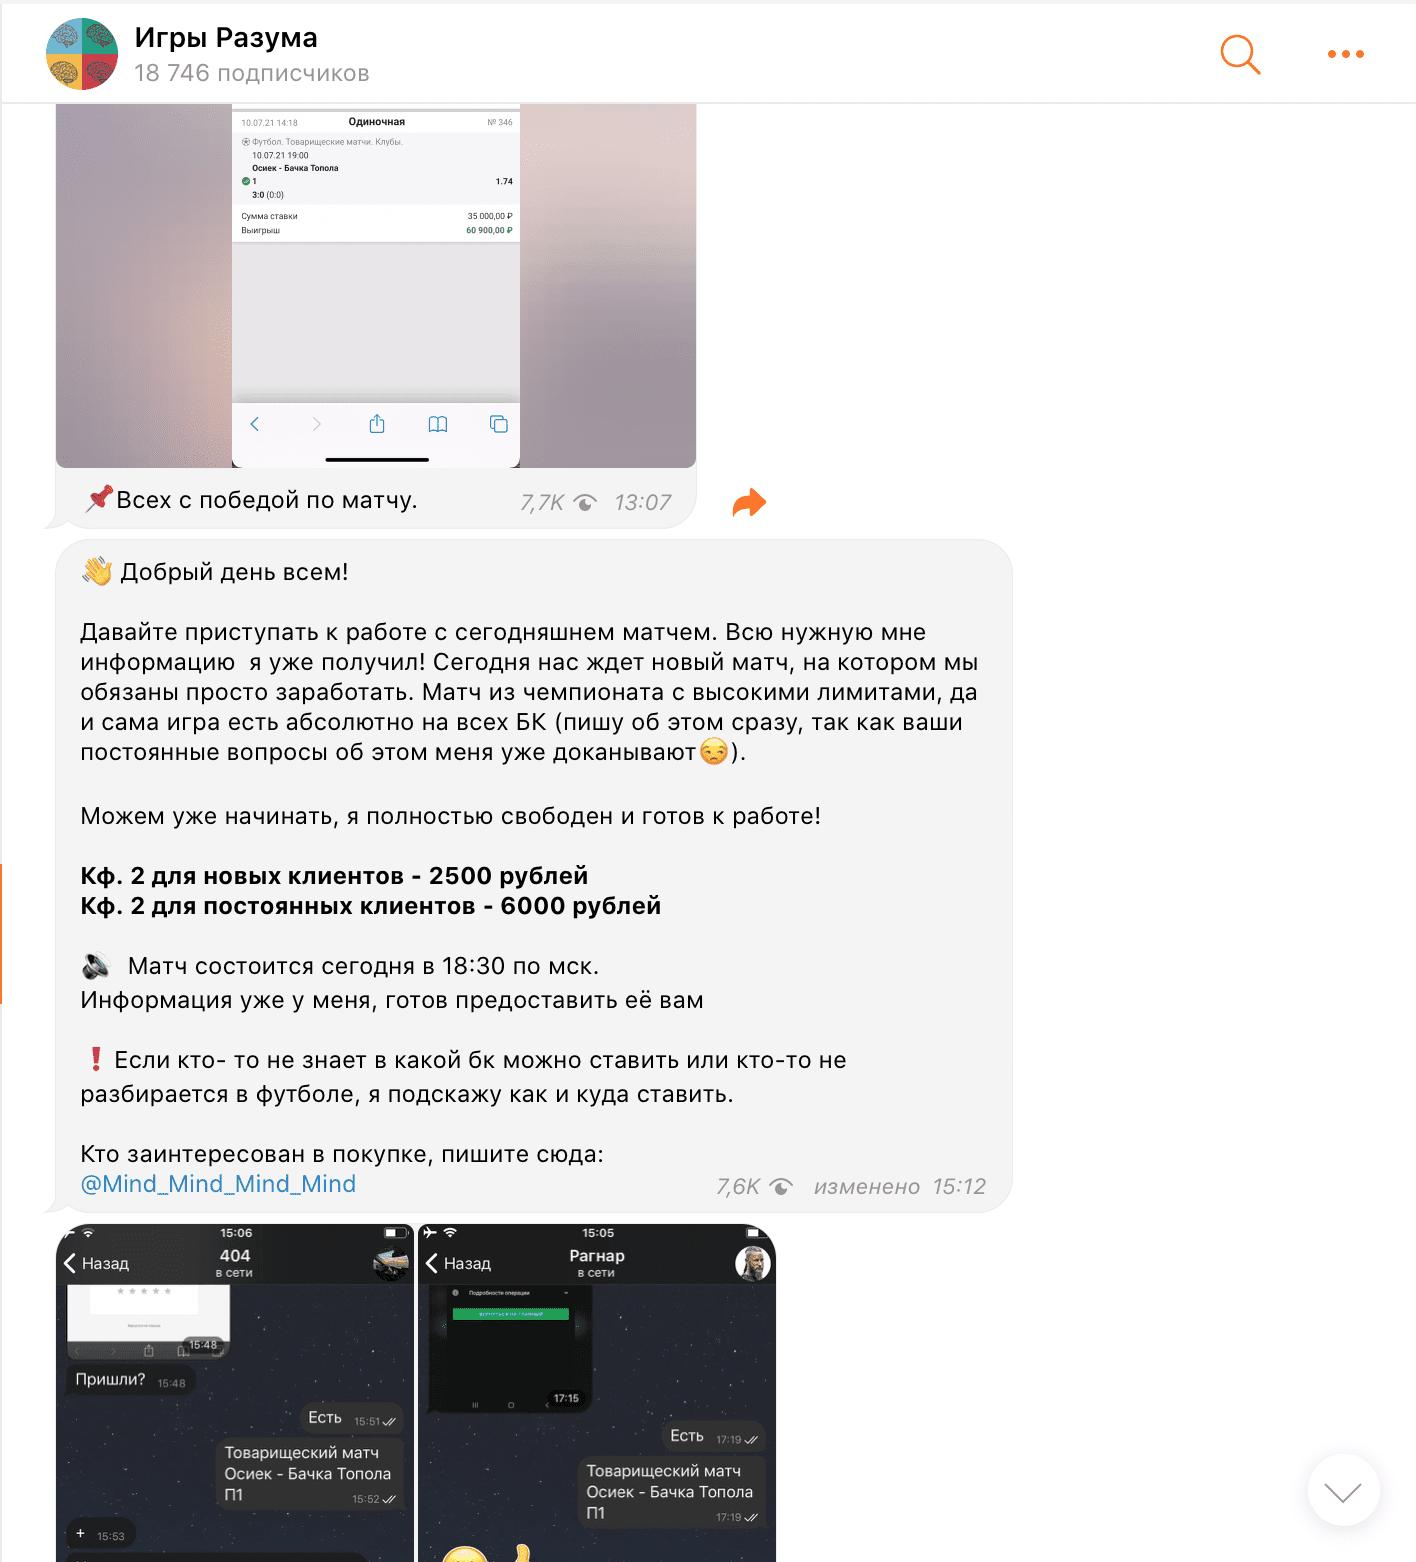 Лента Игры Разума телеграмм